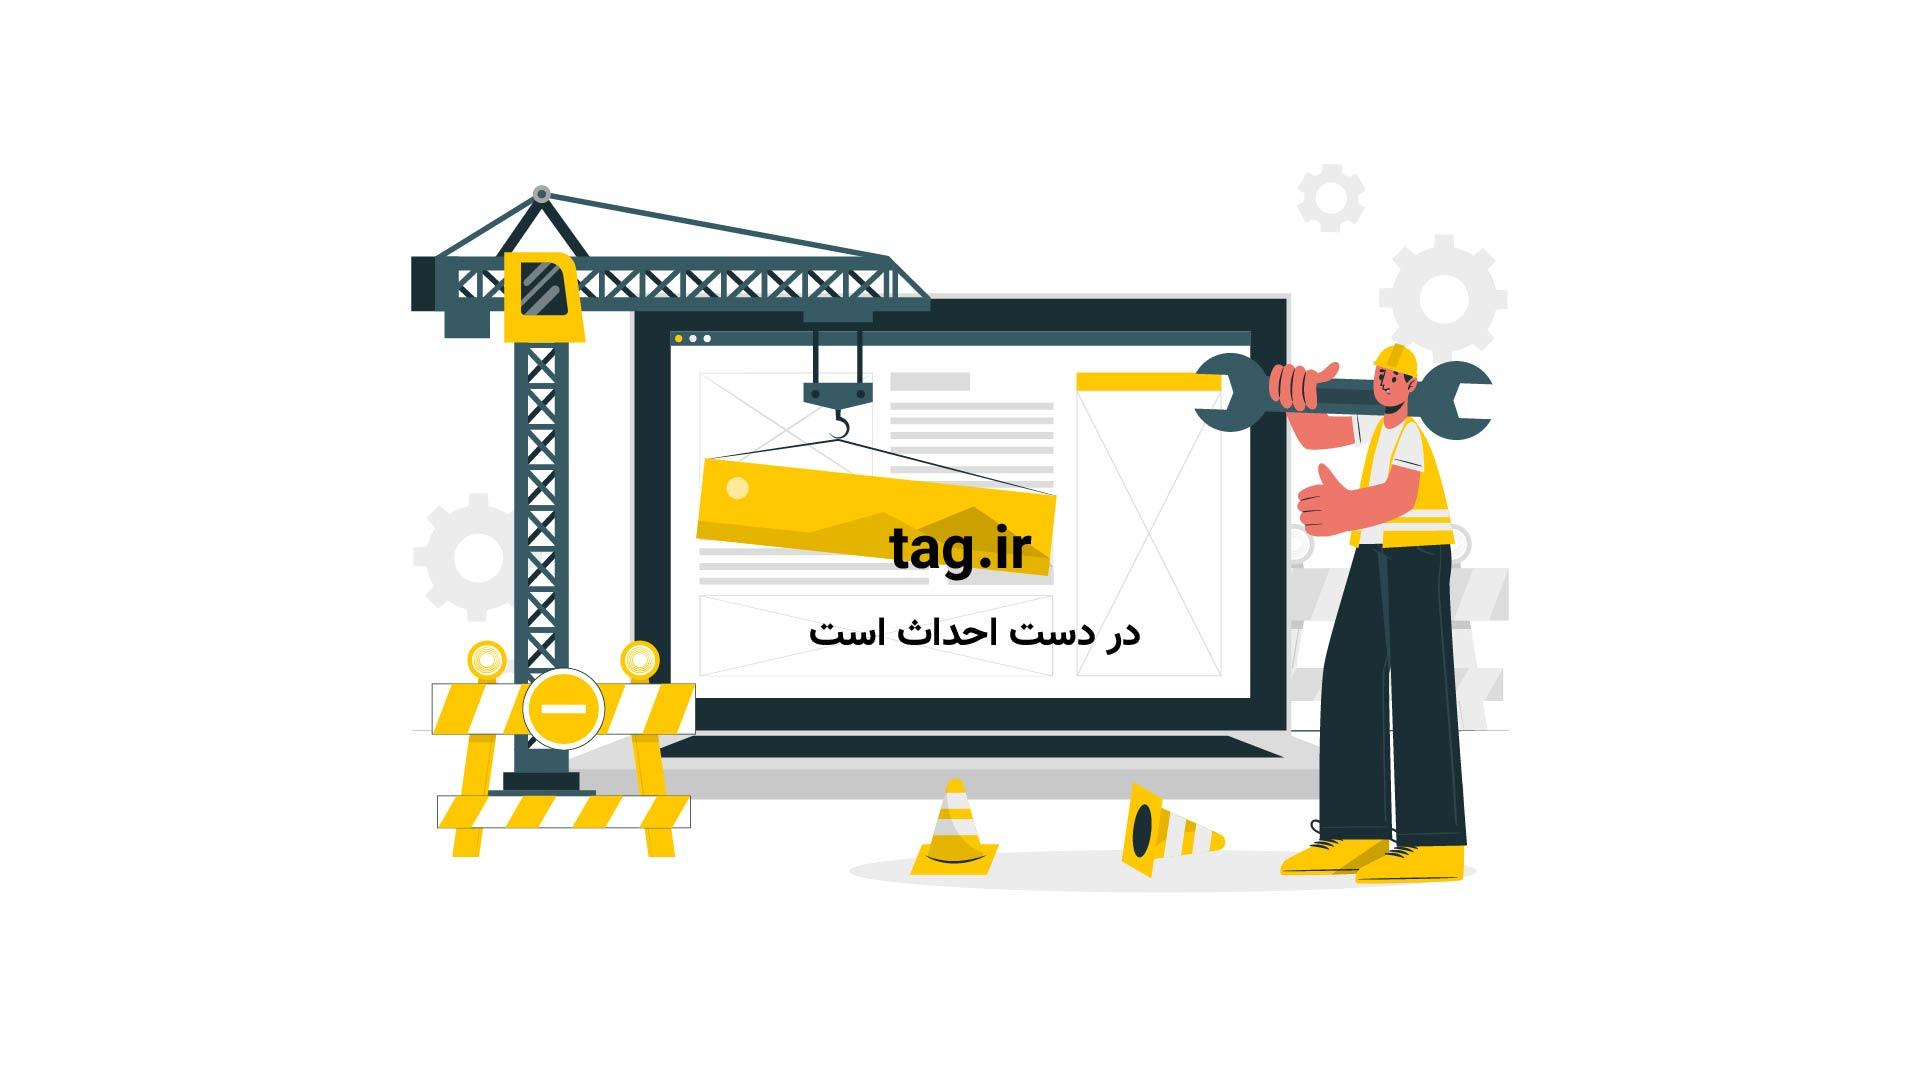 تمساح | تگ